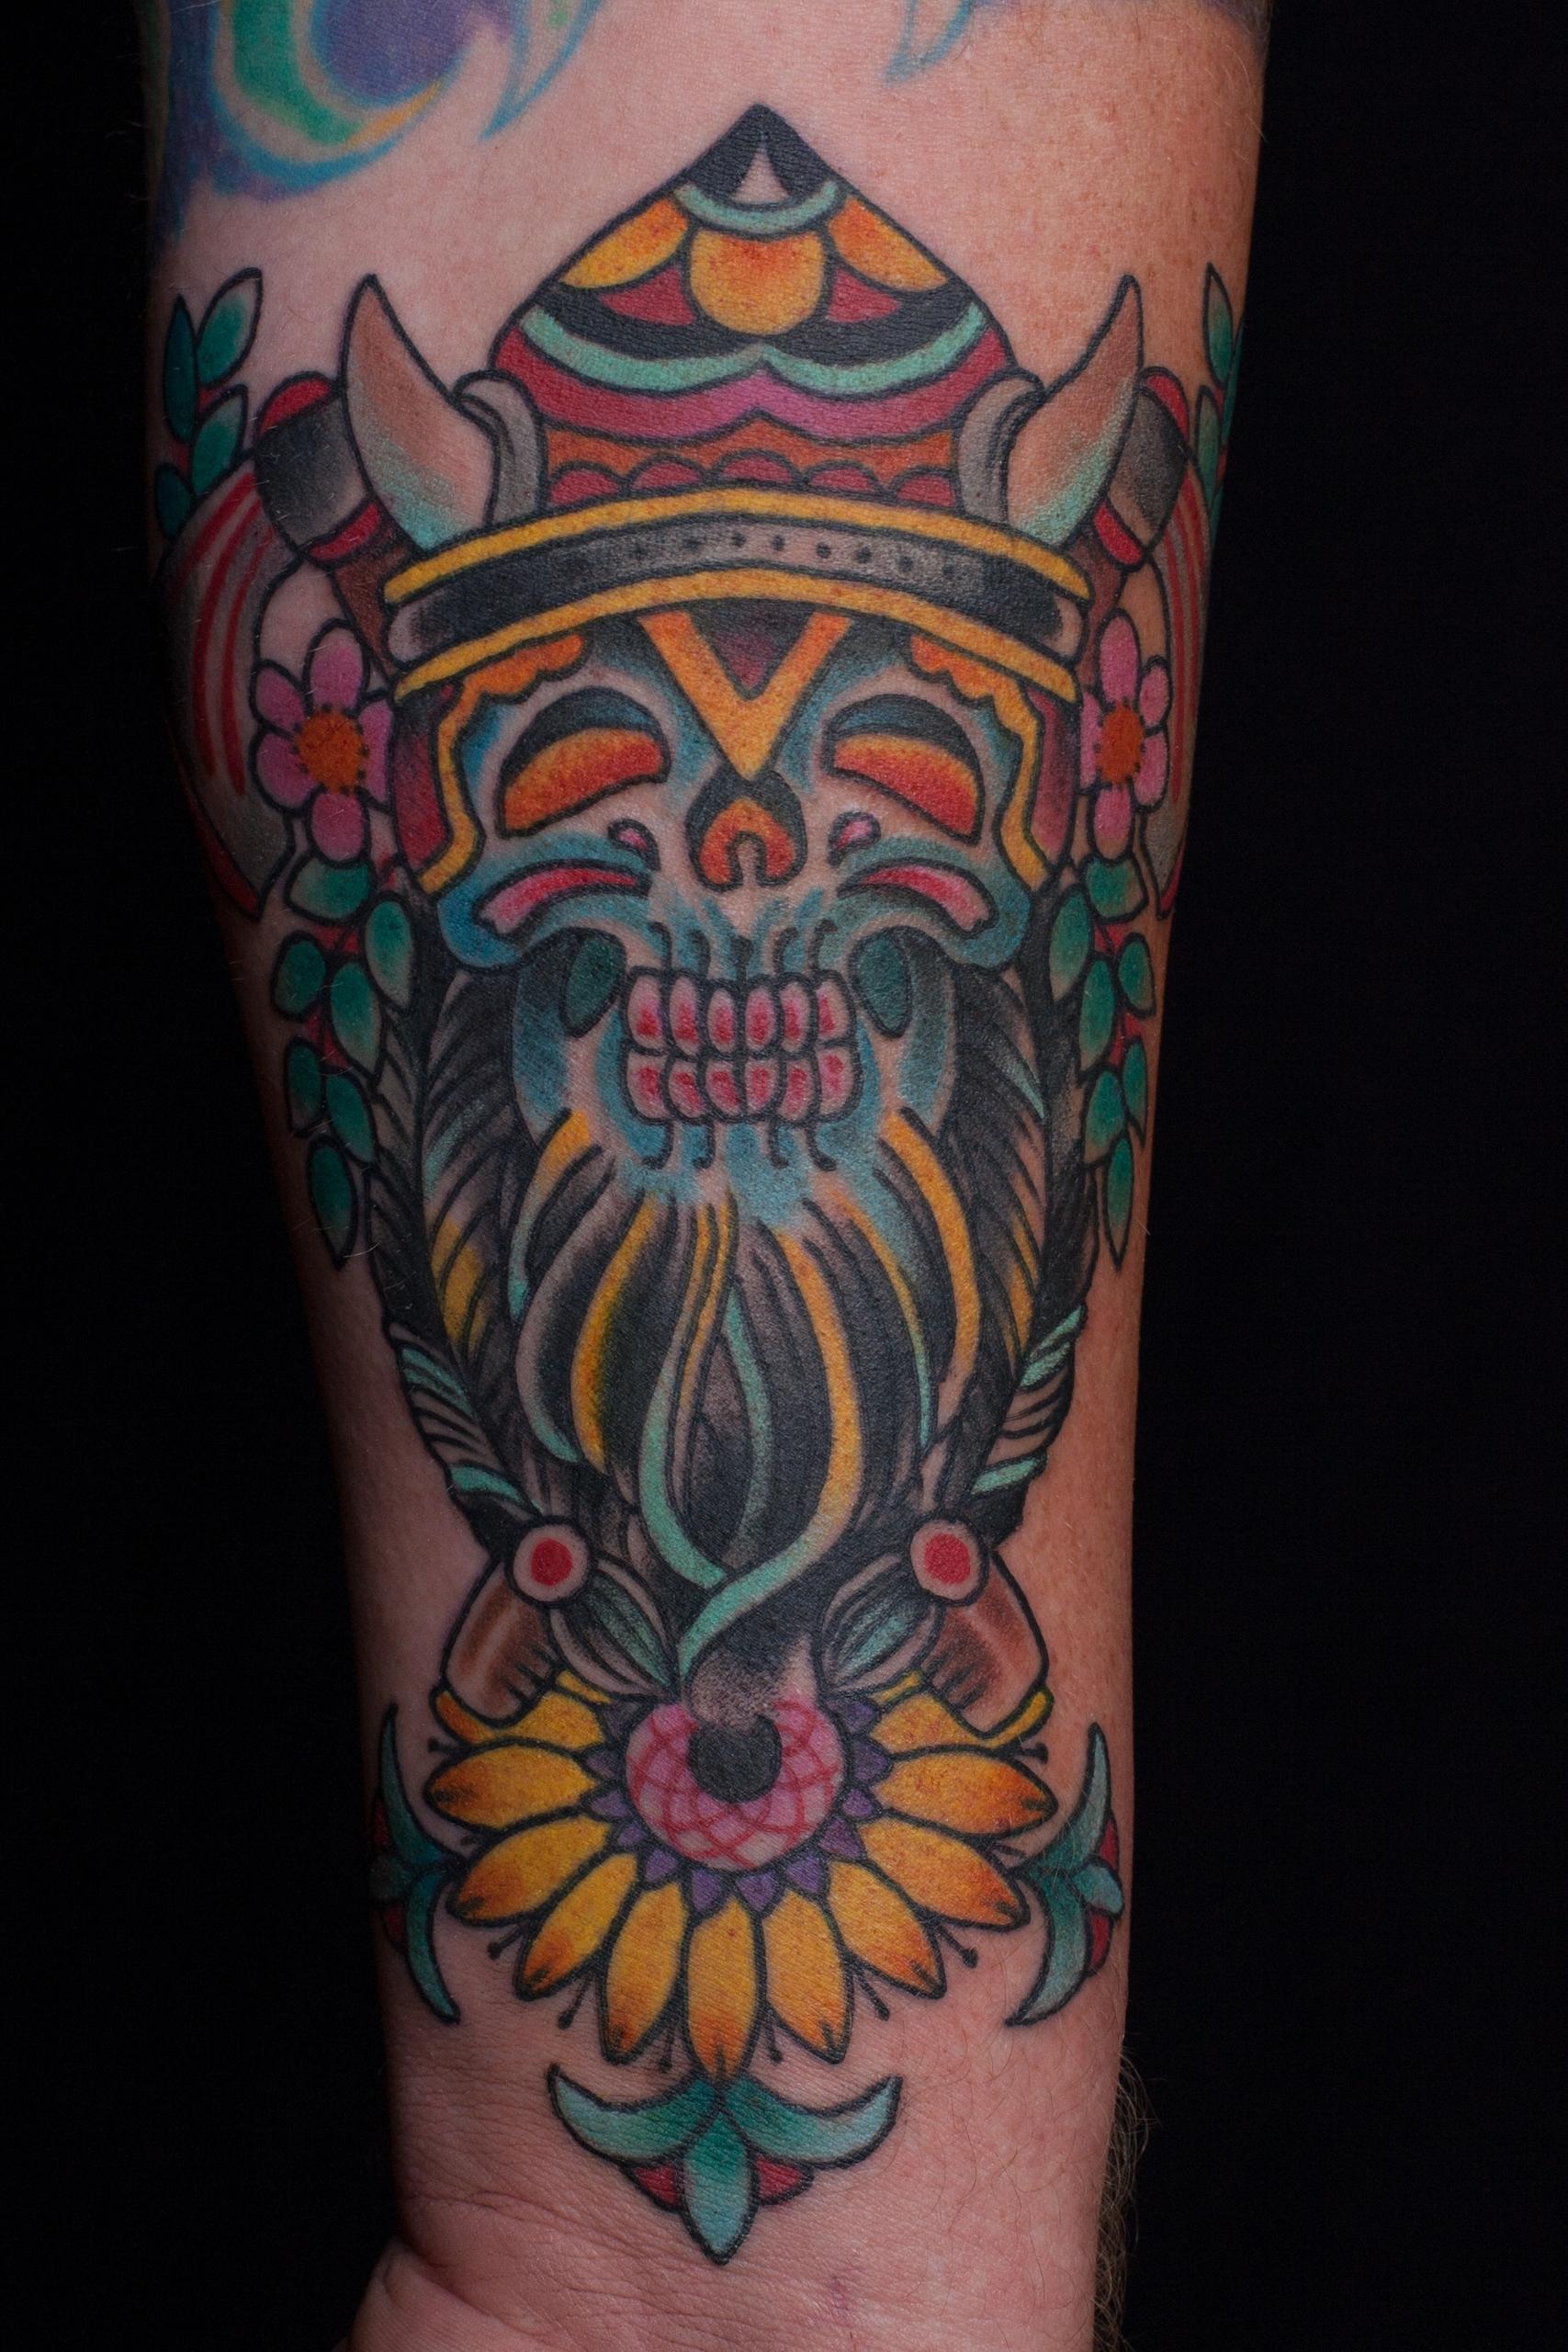 Viking - viking, matthodel, tattoo - matthewhodel | ello